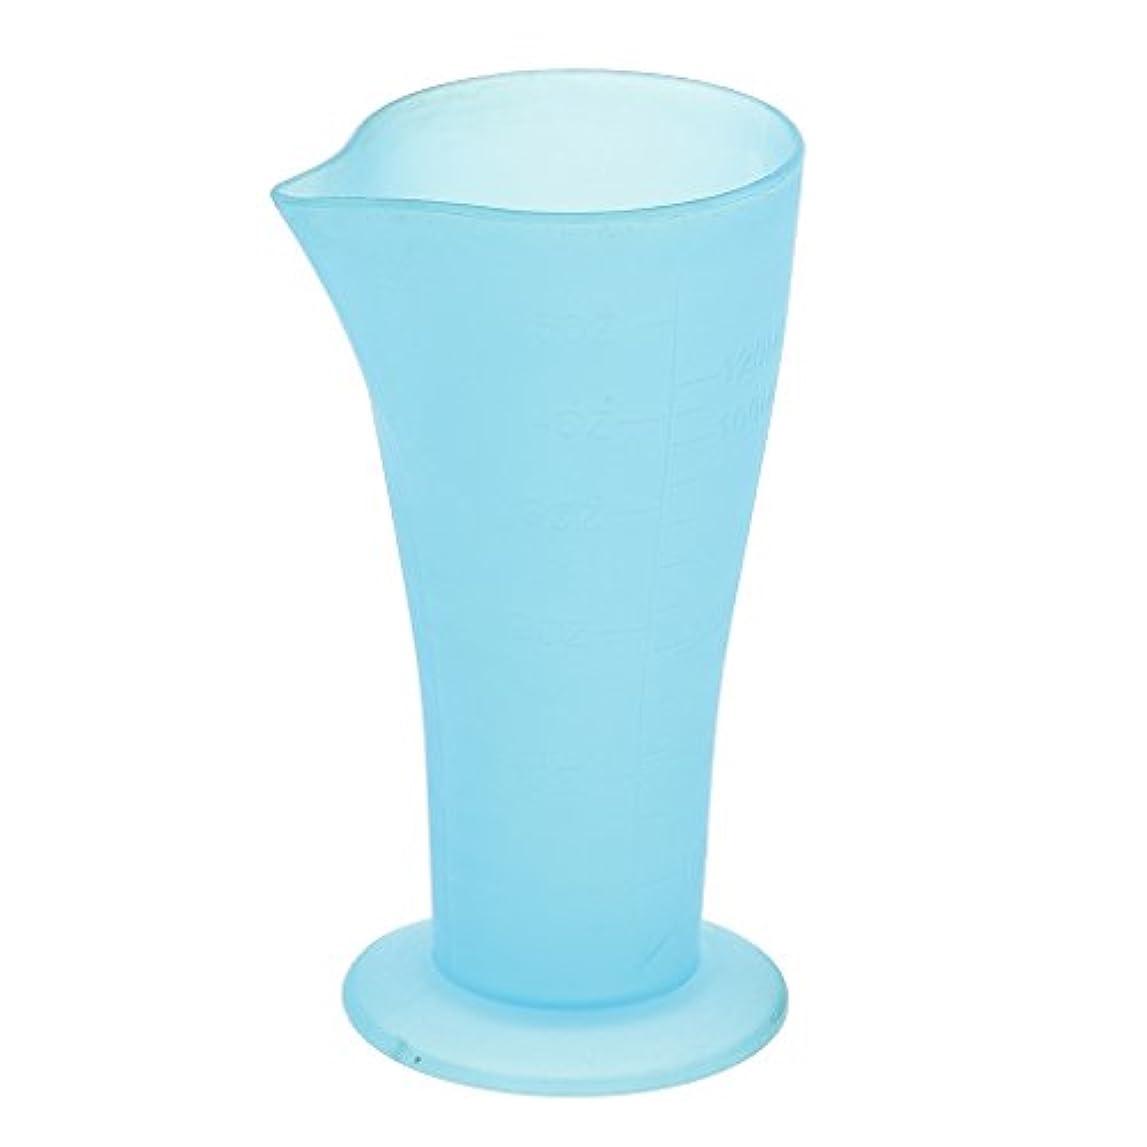 各リースコミットCUTICATE 計量カップ ヘアダイカップ ヘアカラーカップ 再使用可 120mL ヘアサロン